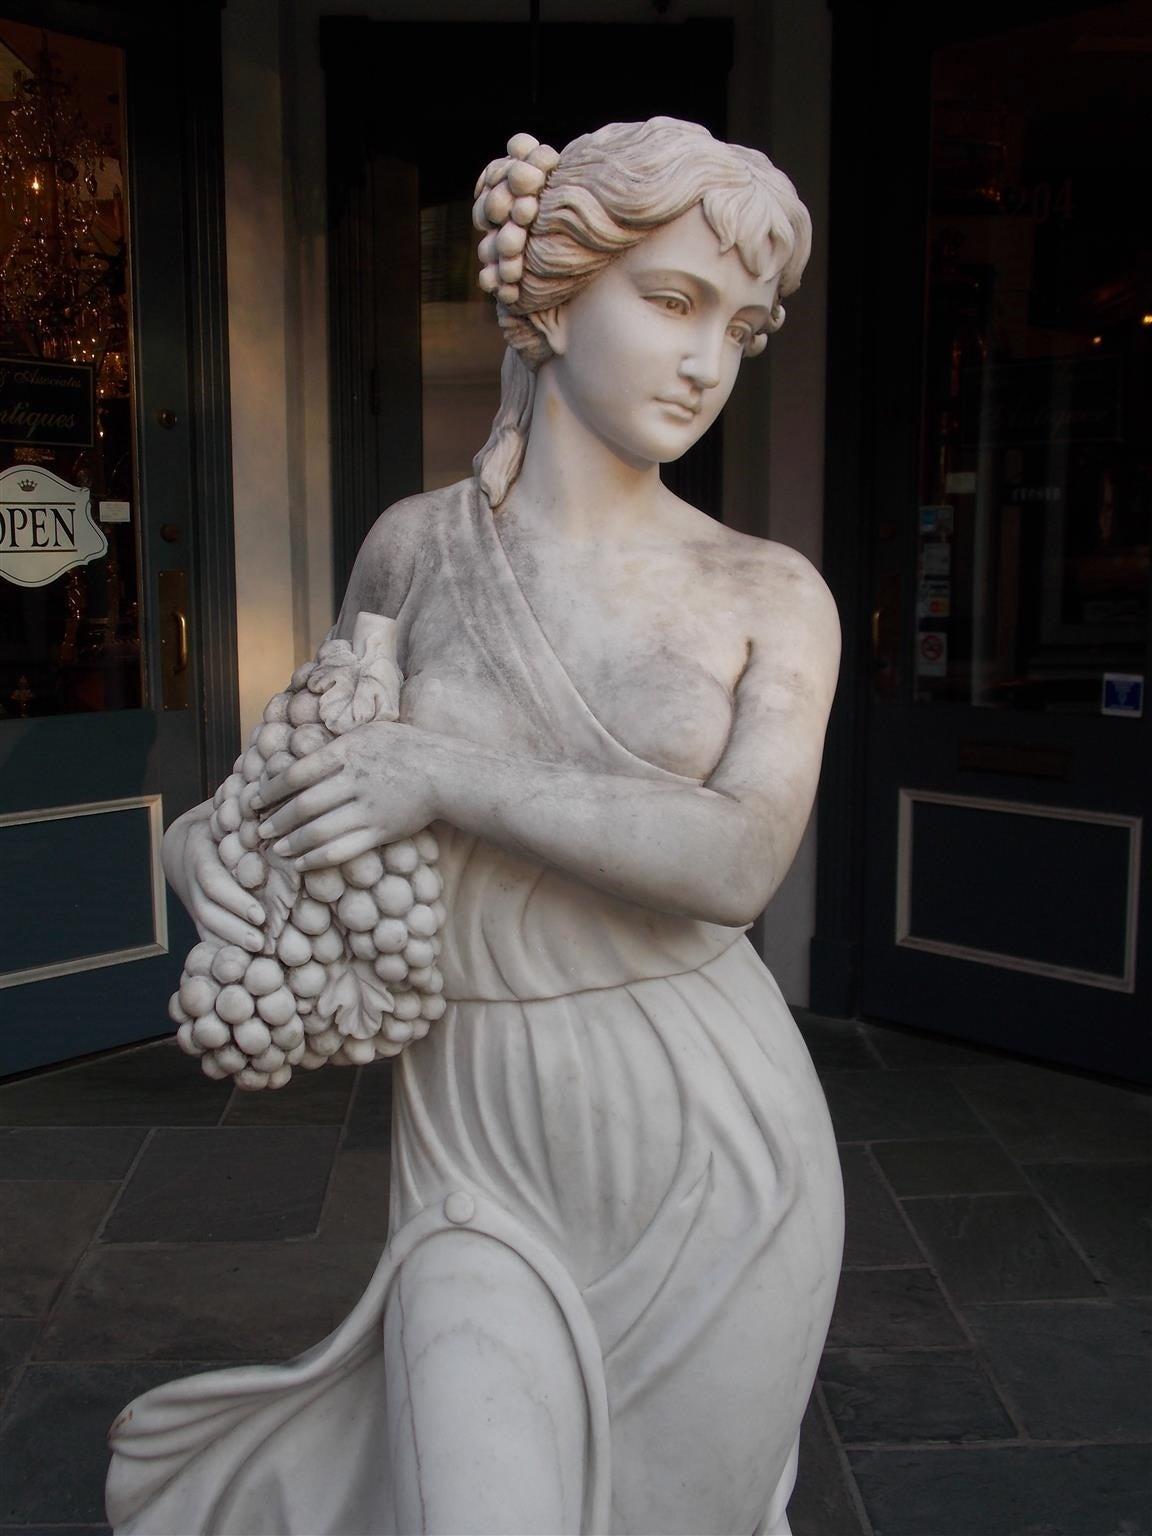 19th Century Italian Marble Statue, Circa 1850 For Sale